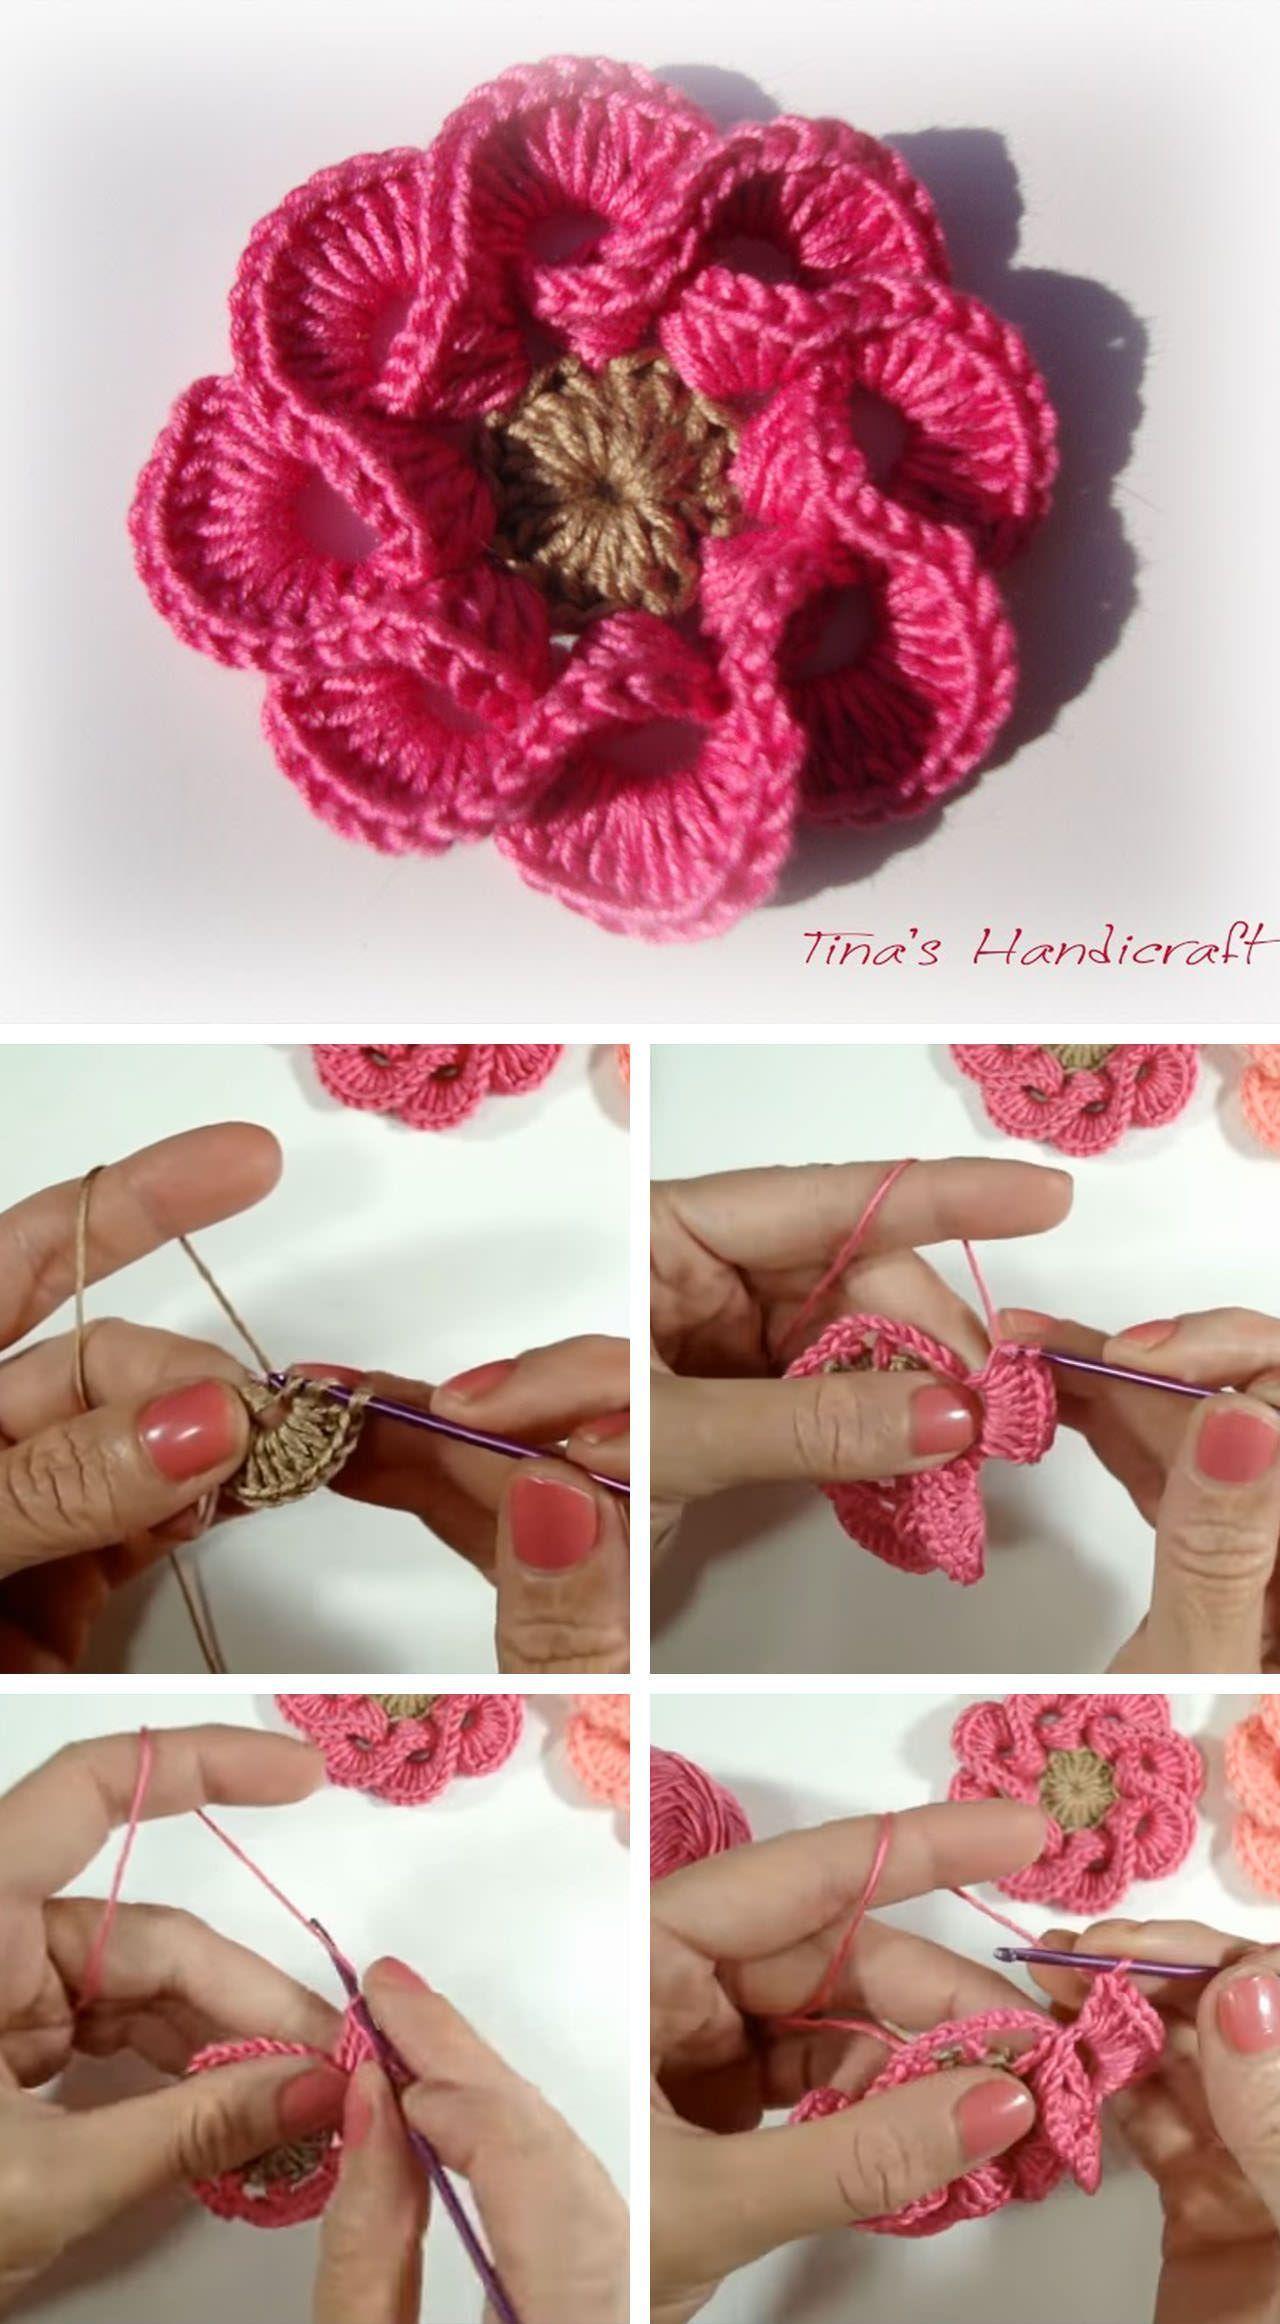 Easy Crochet 3D Flower You Need To Make - Stuff I'd Like to Crochet - #crochetedflowers